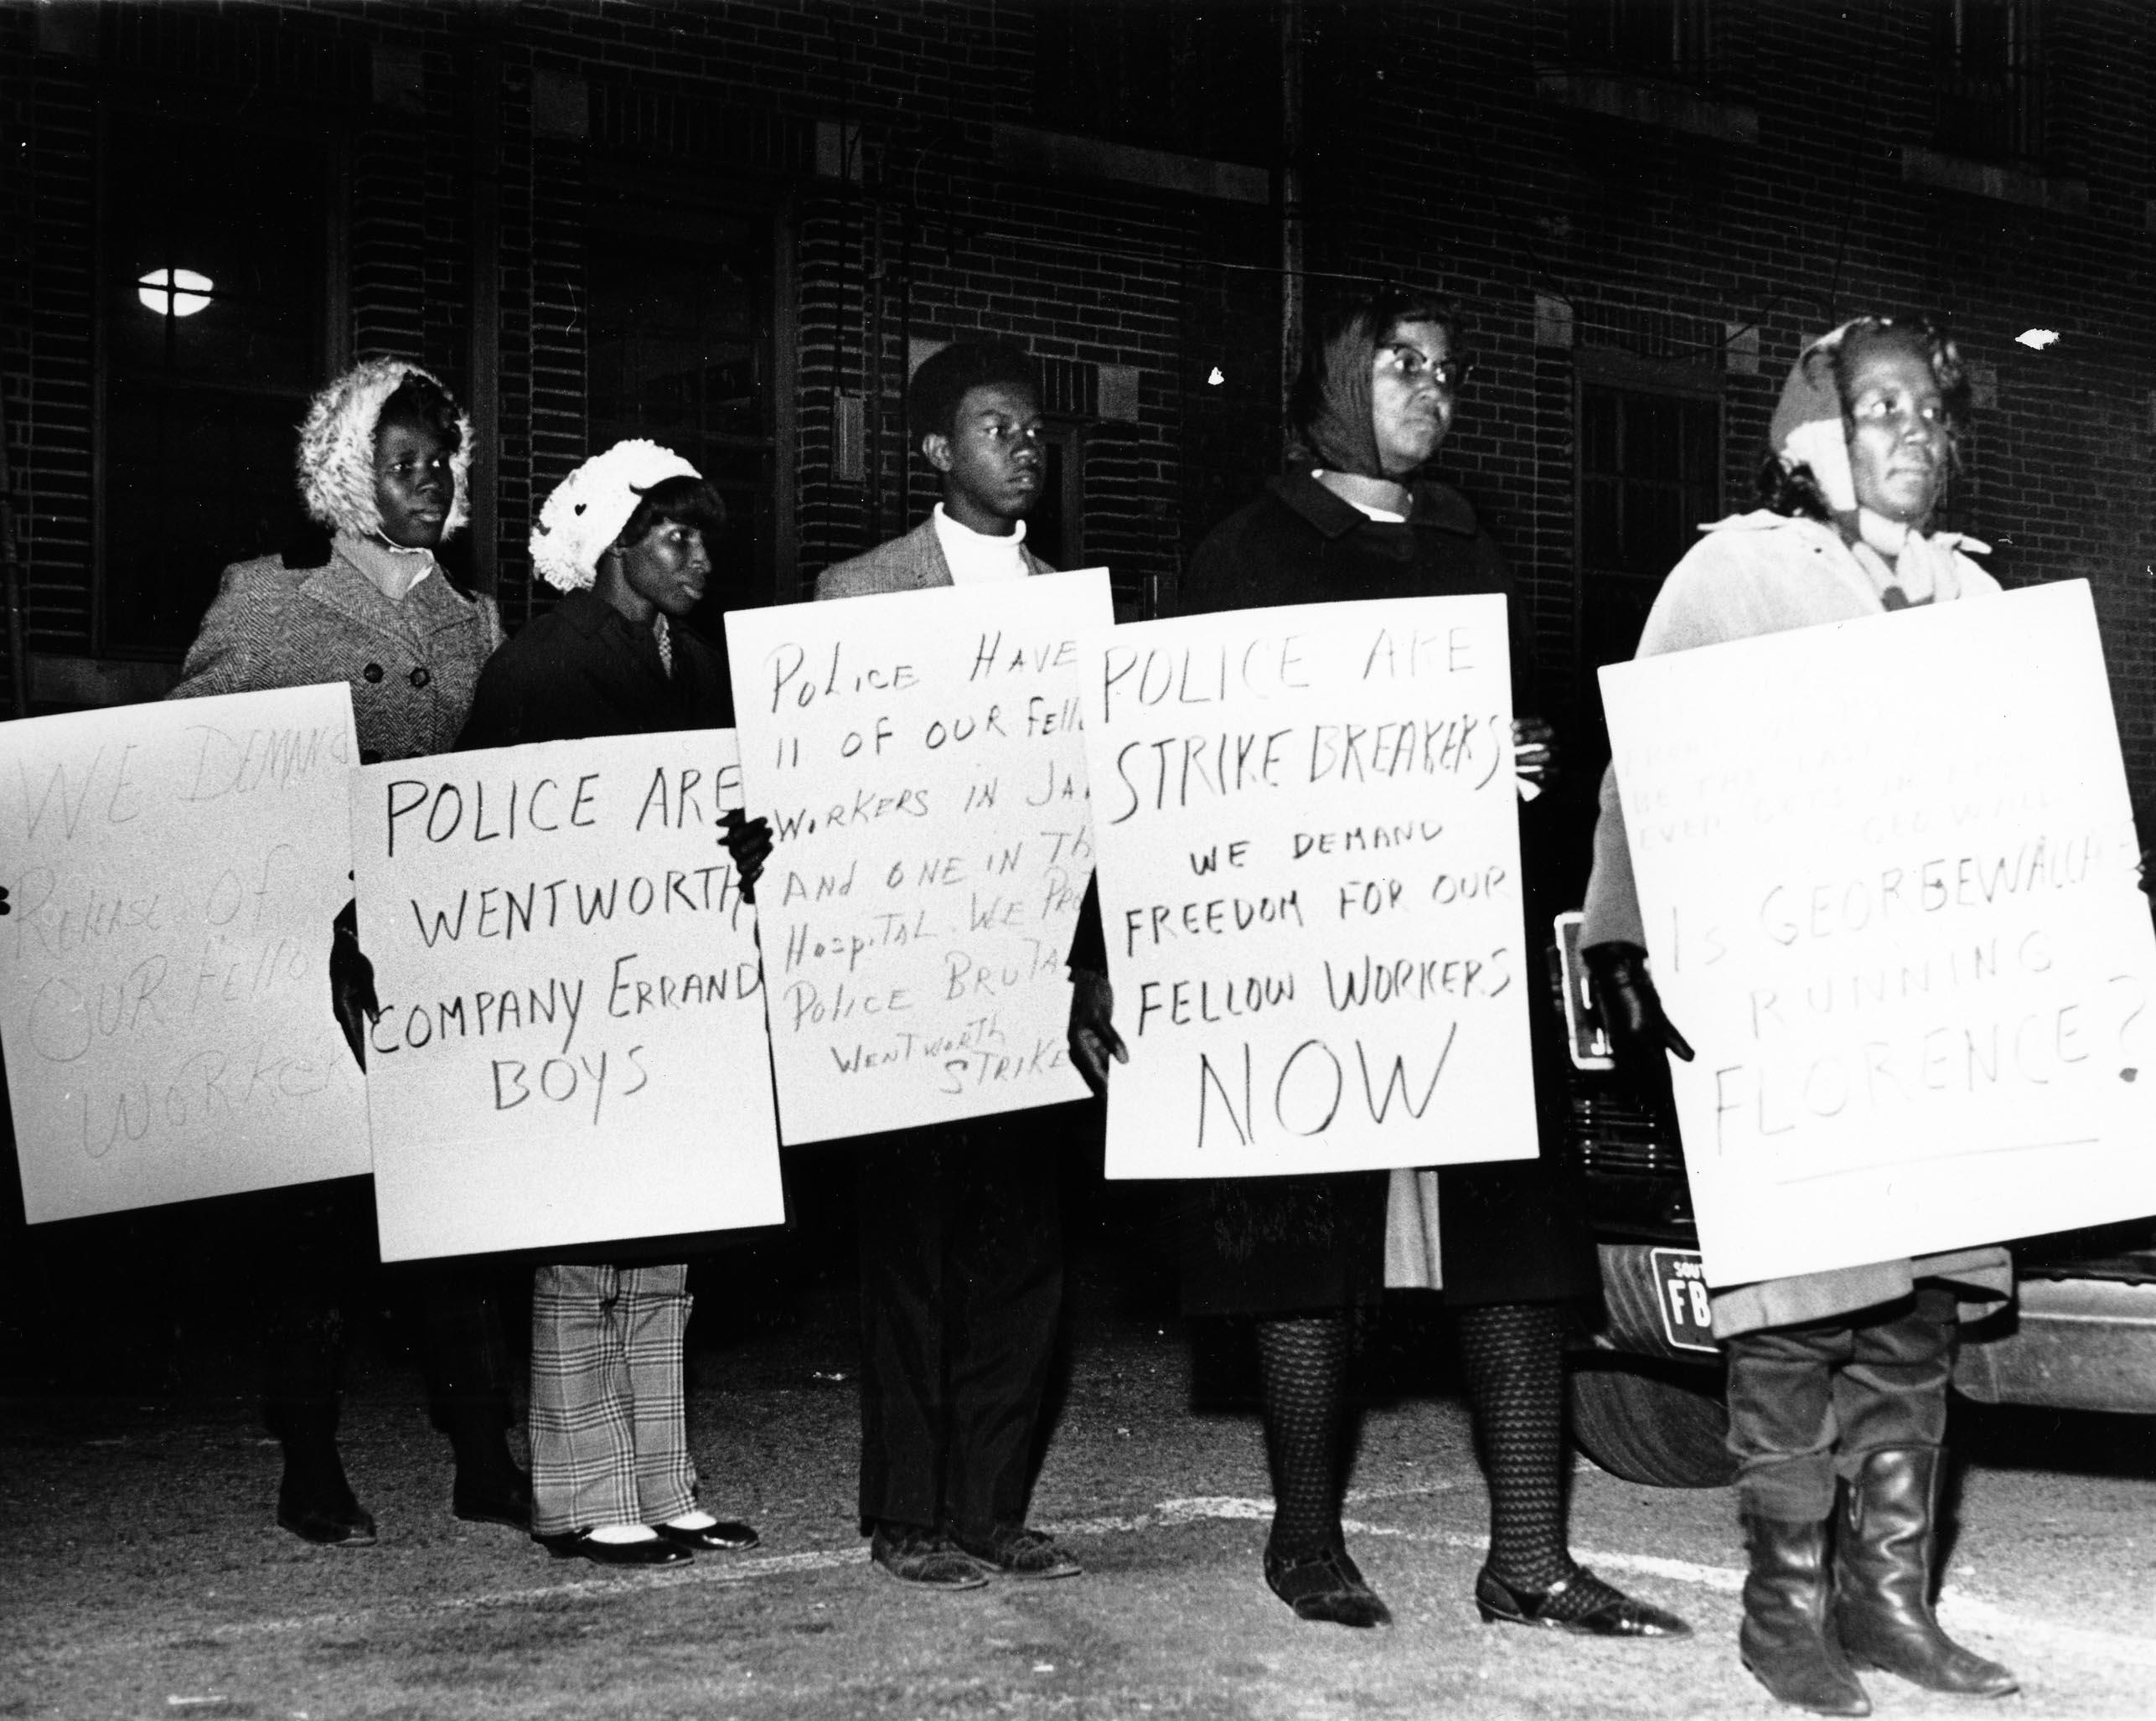 African American workers strike in 1968